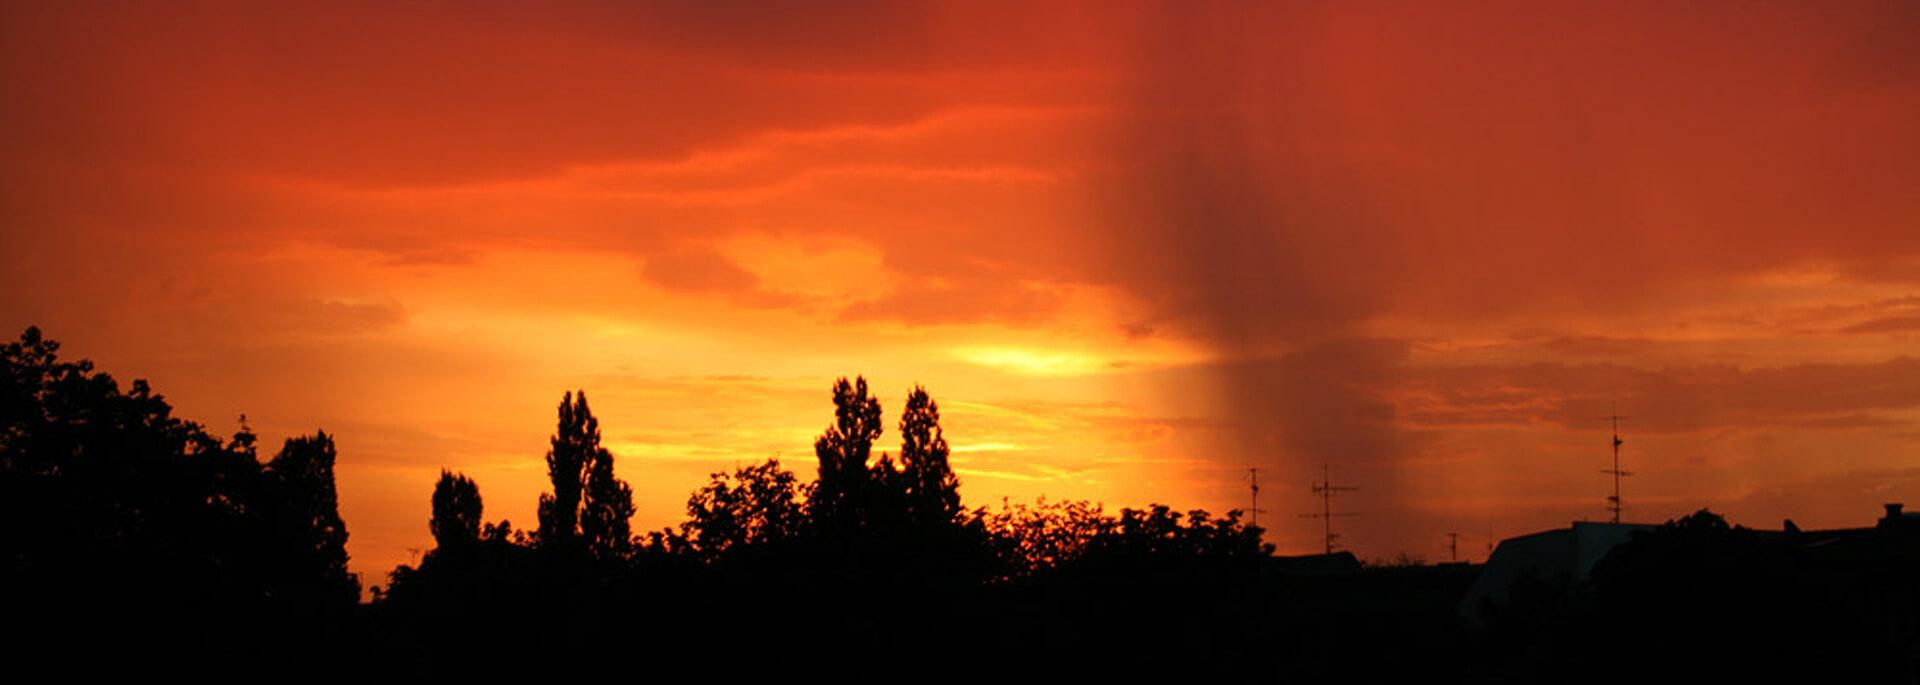 Warum ich Sonnenaufgänge nicht sonderlich mag